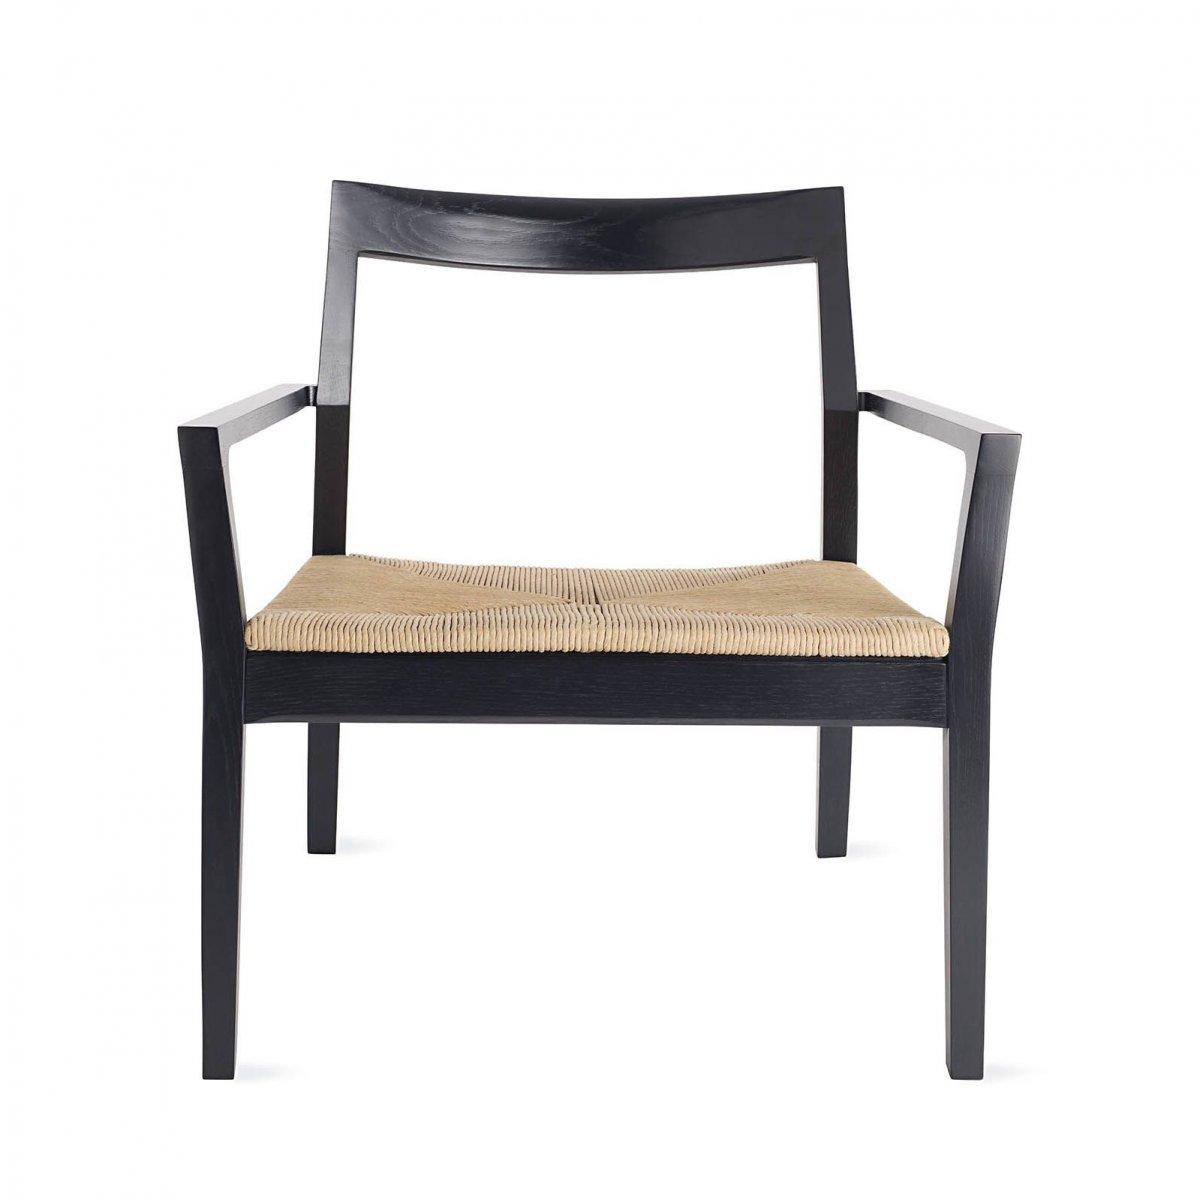 Krusin Lounge Arm Chair, ebonized oak, front view.